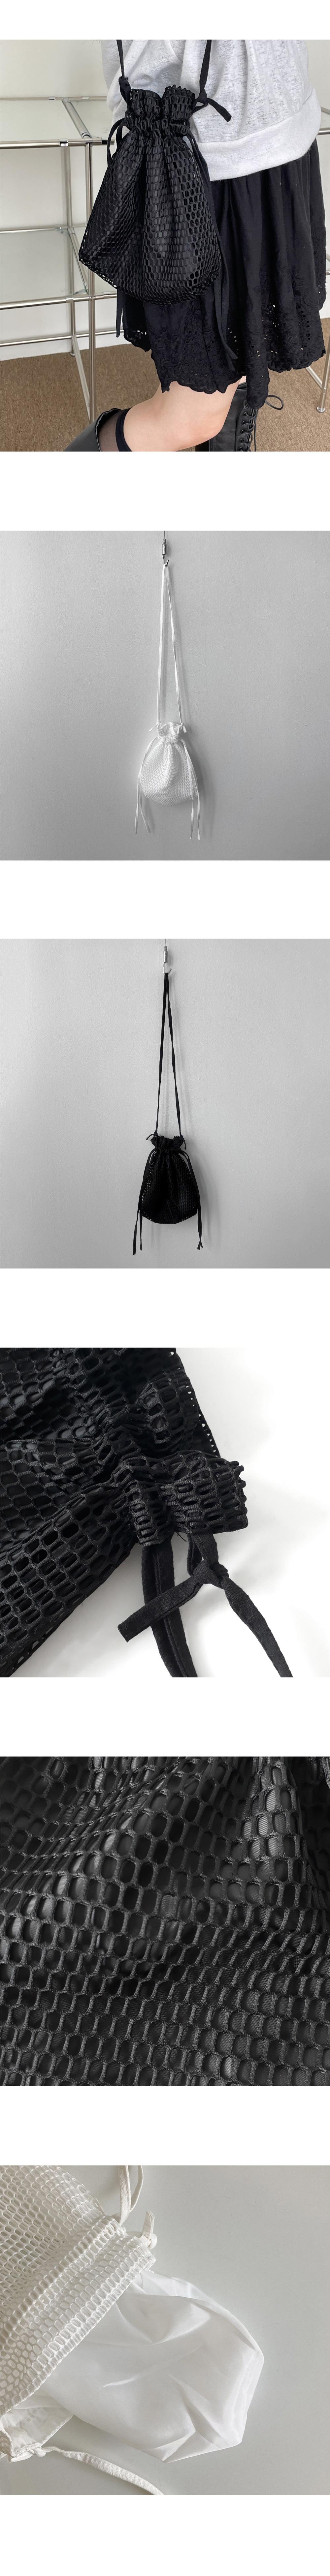 Cooing Net Net Bokjori Mini Crossbody Bag